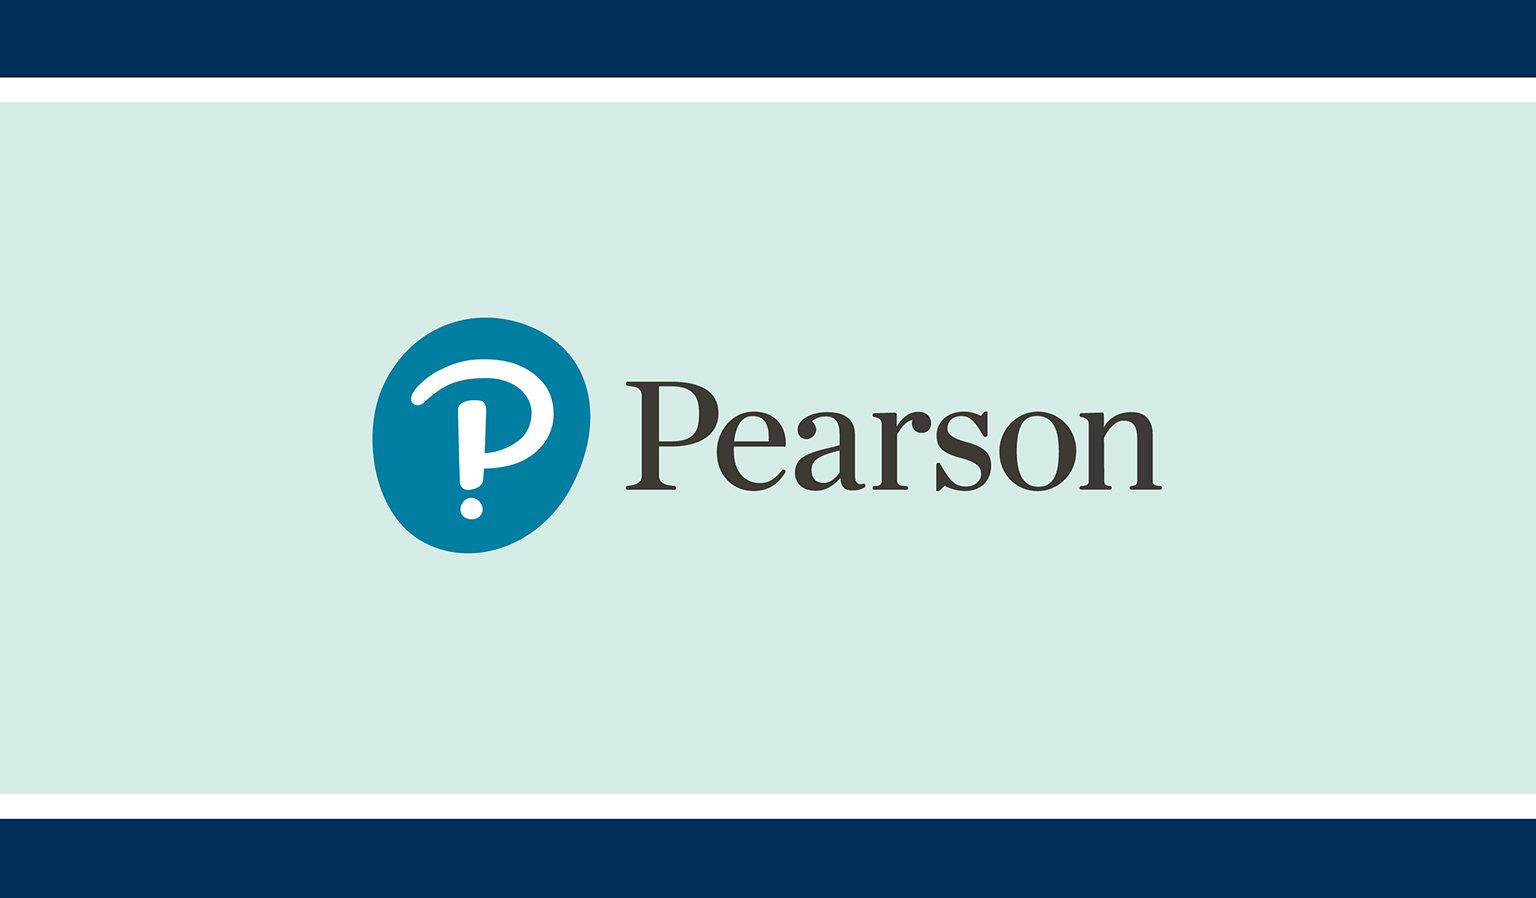 Pearson b